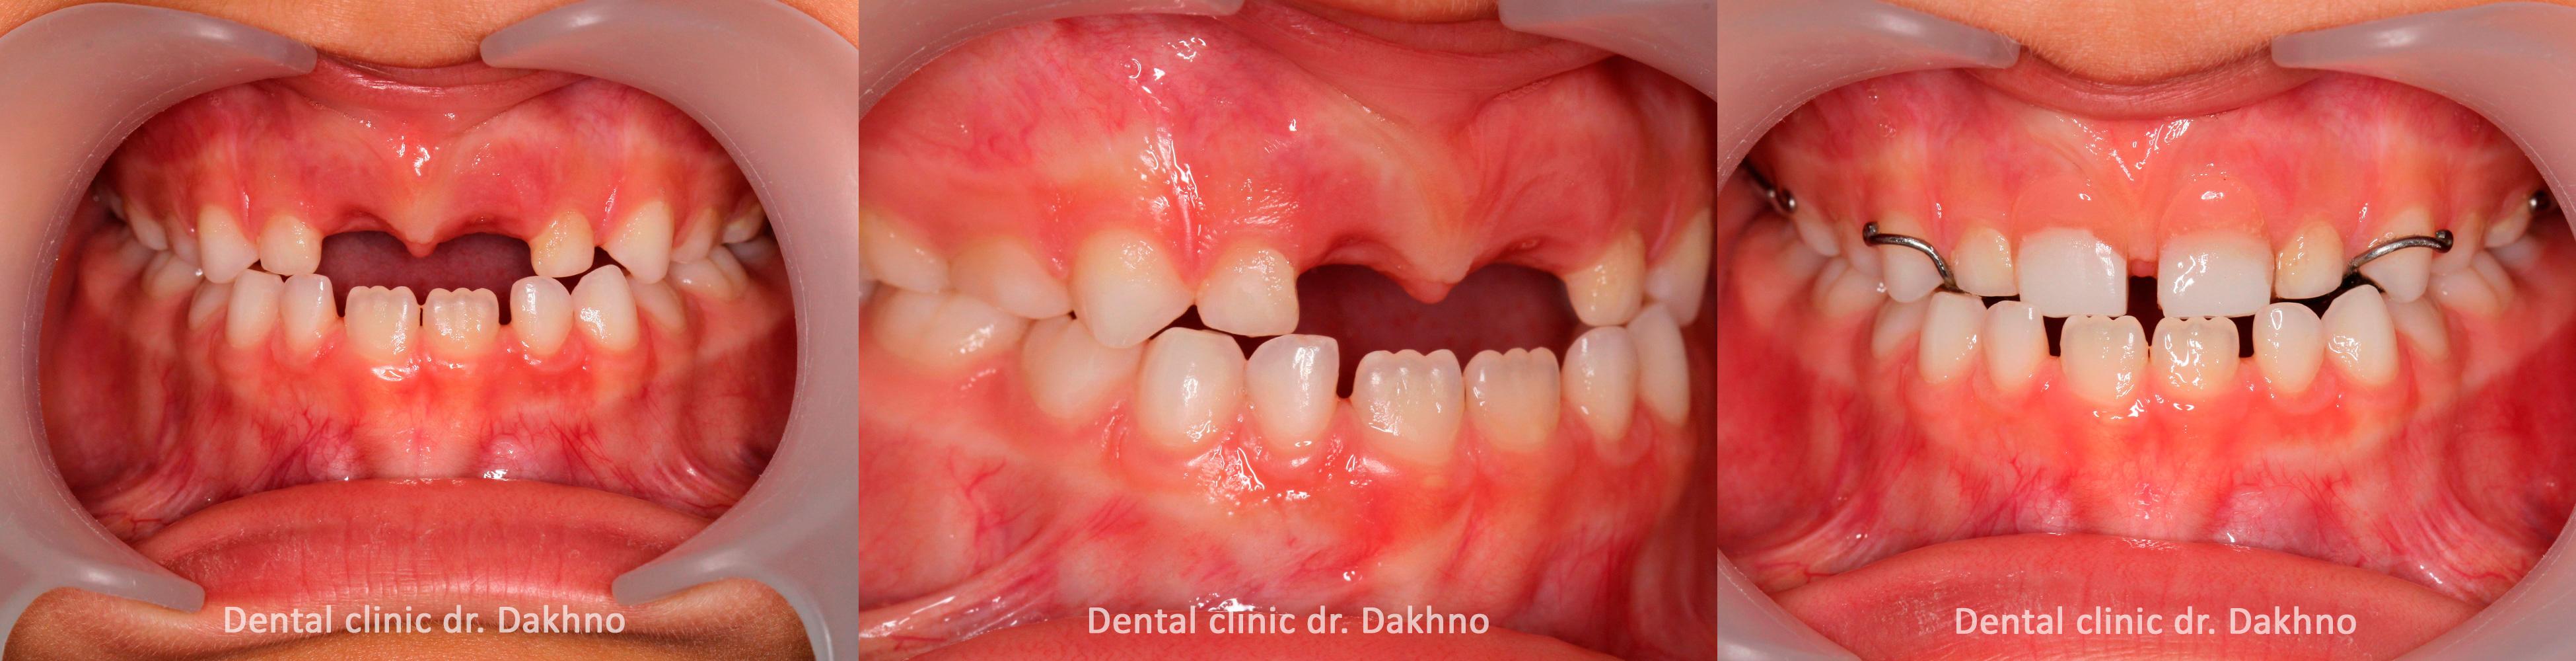 Промежуточный результат, стоматологическая клиника доктора Дахно